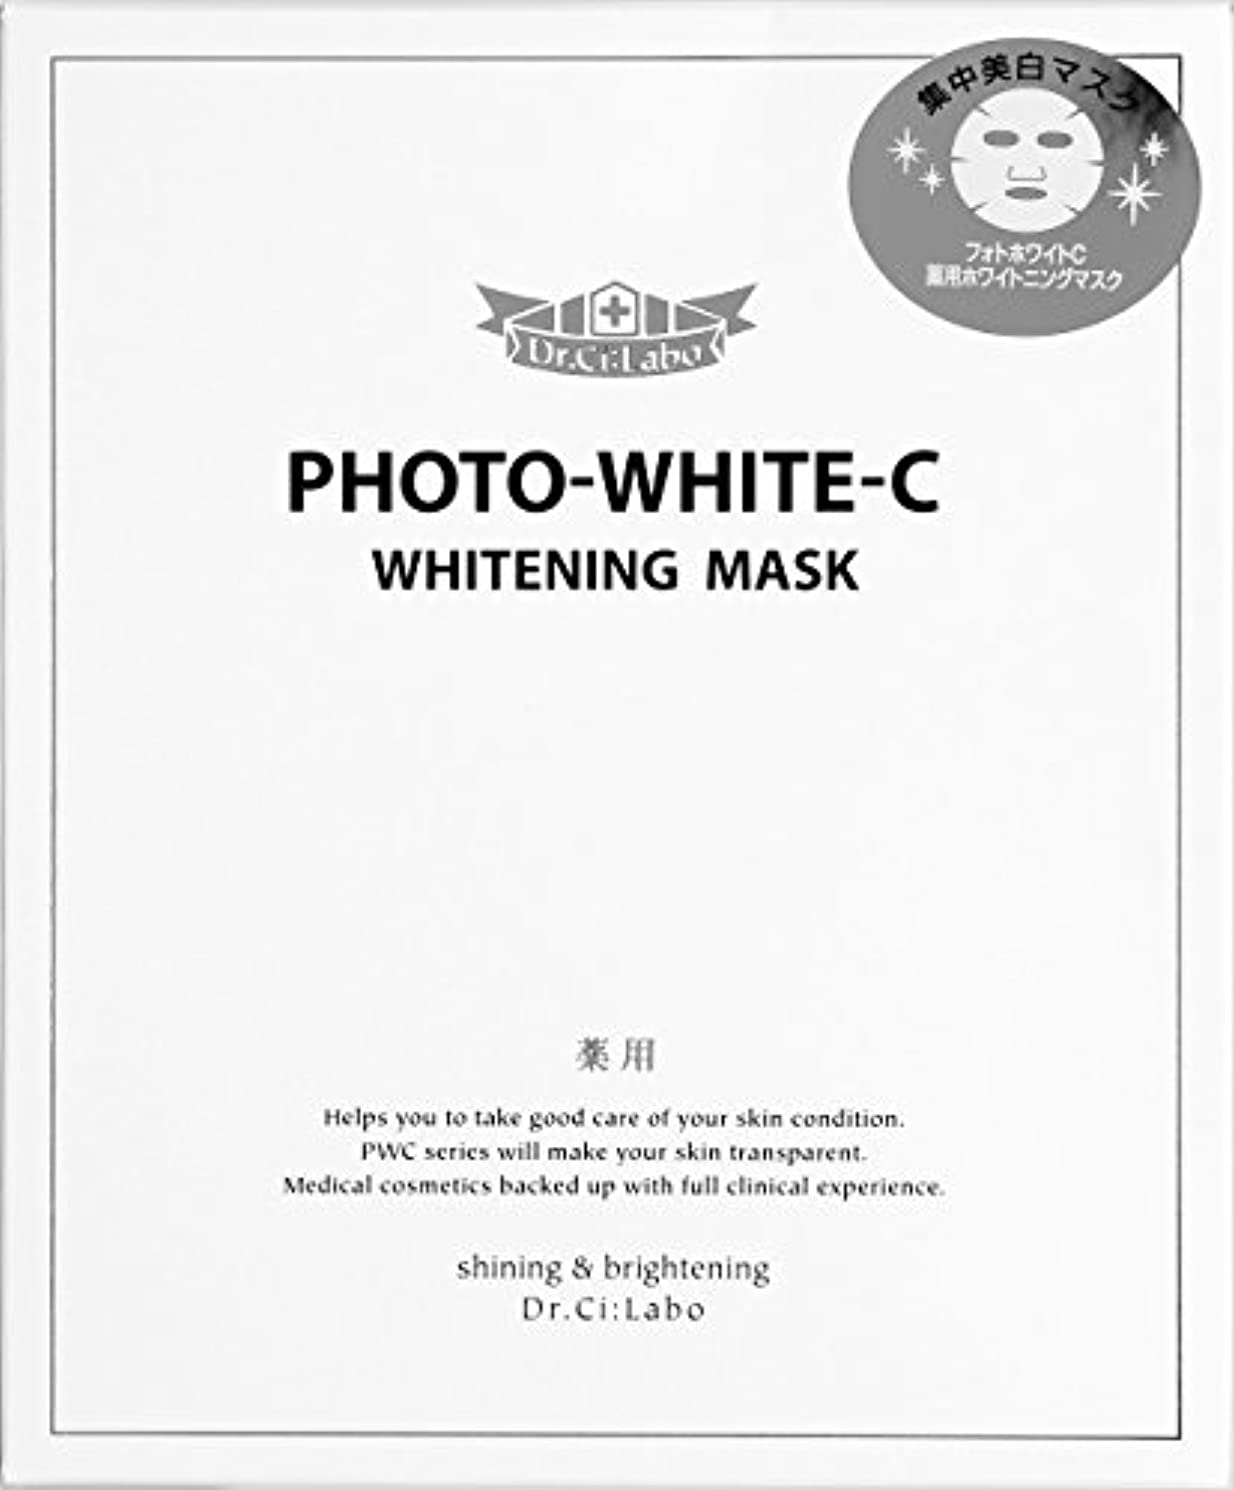 命題オーバーラン終了するドクターシーラボ フォトホワイトC 薬用ホワイトニングマスク (1箱:5枚入り) フェイスパック [医薬部外品]